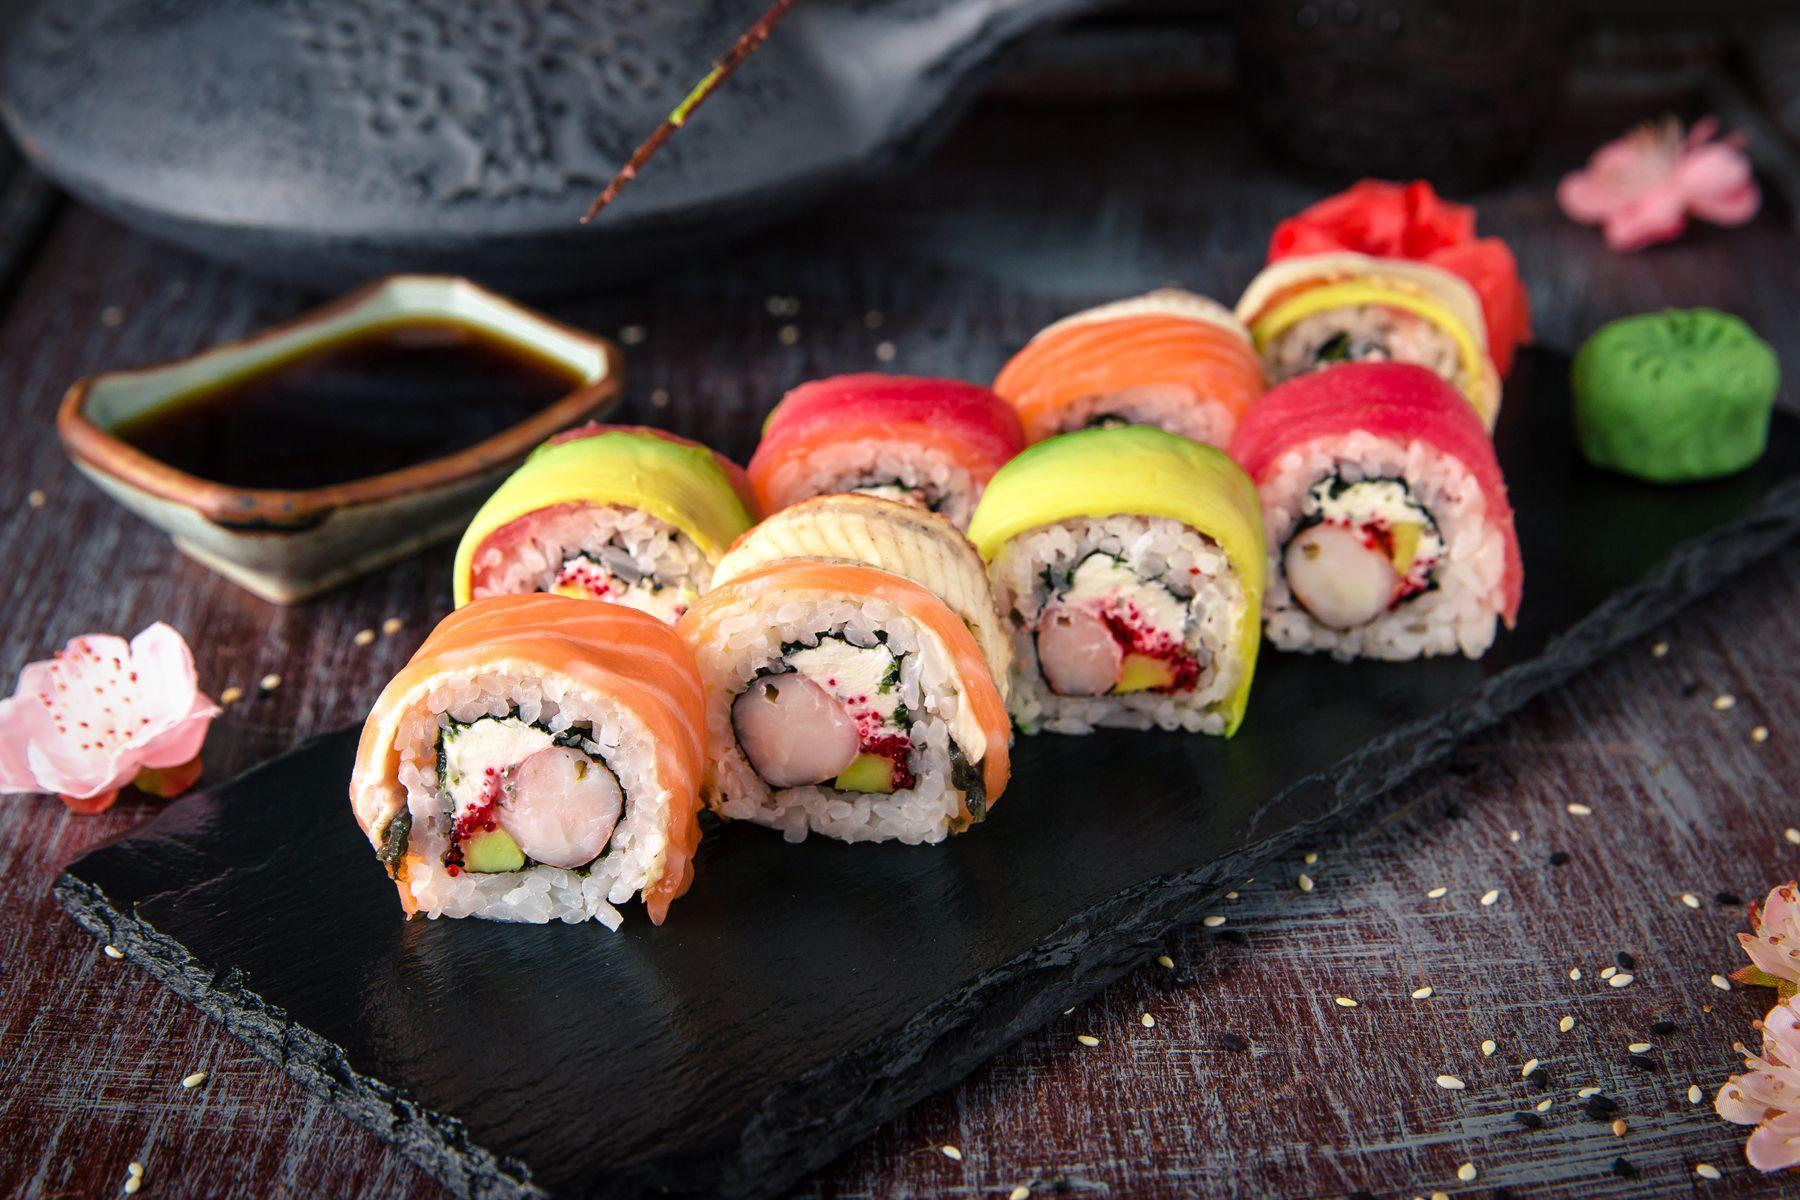 Sushi comida japonesa Sant Andreu Barcelona